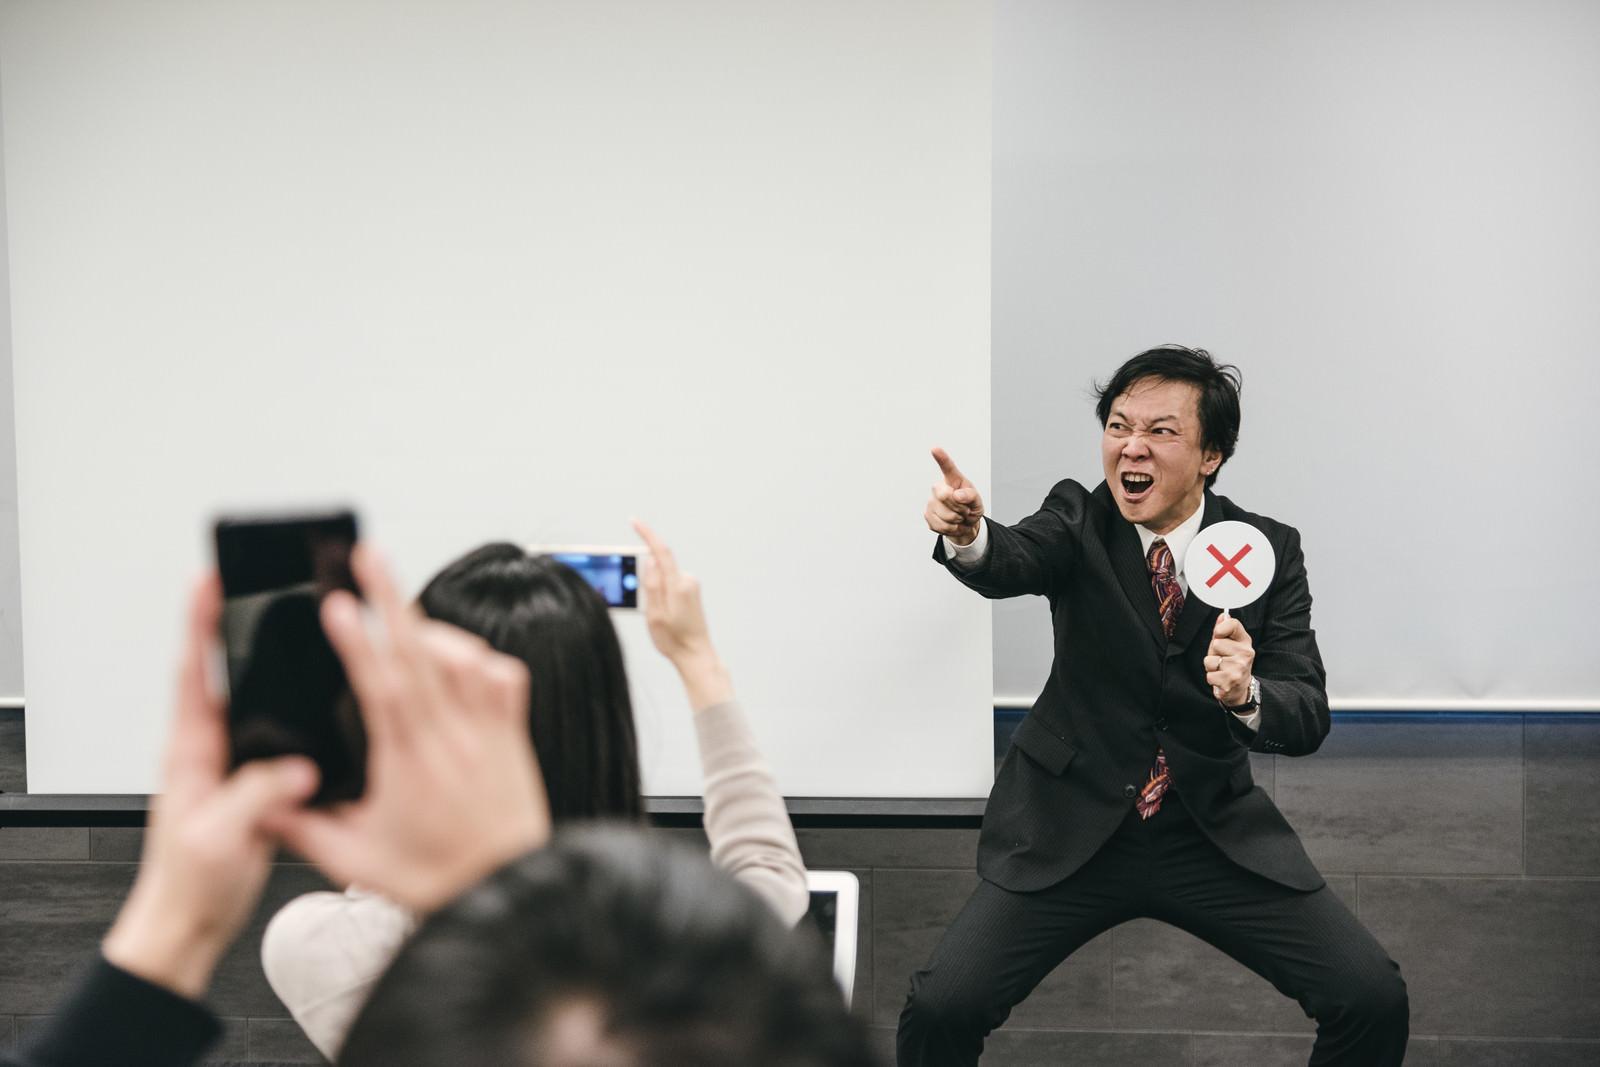 「荒ぶった講師を撮影する参加者」の写真[モデル:のせさん]